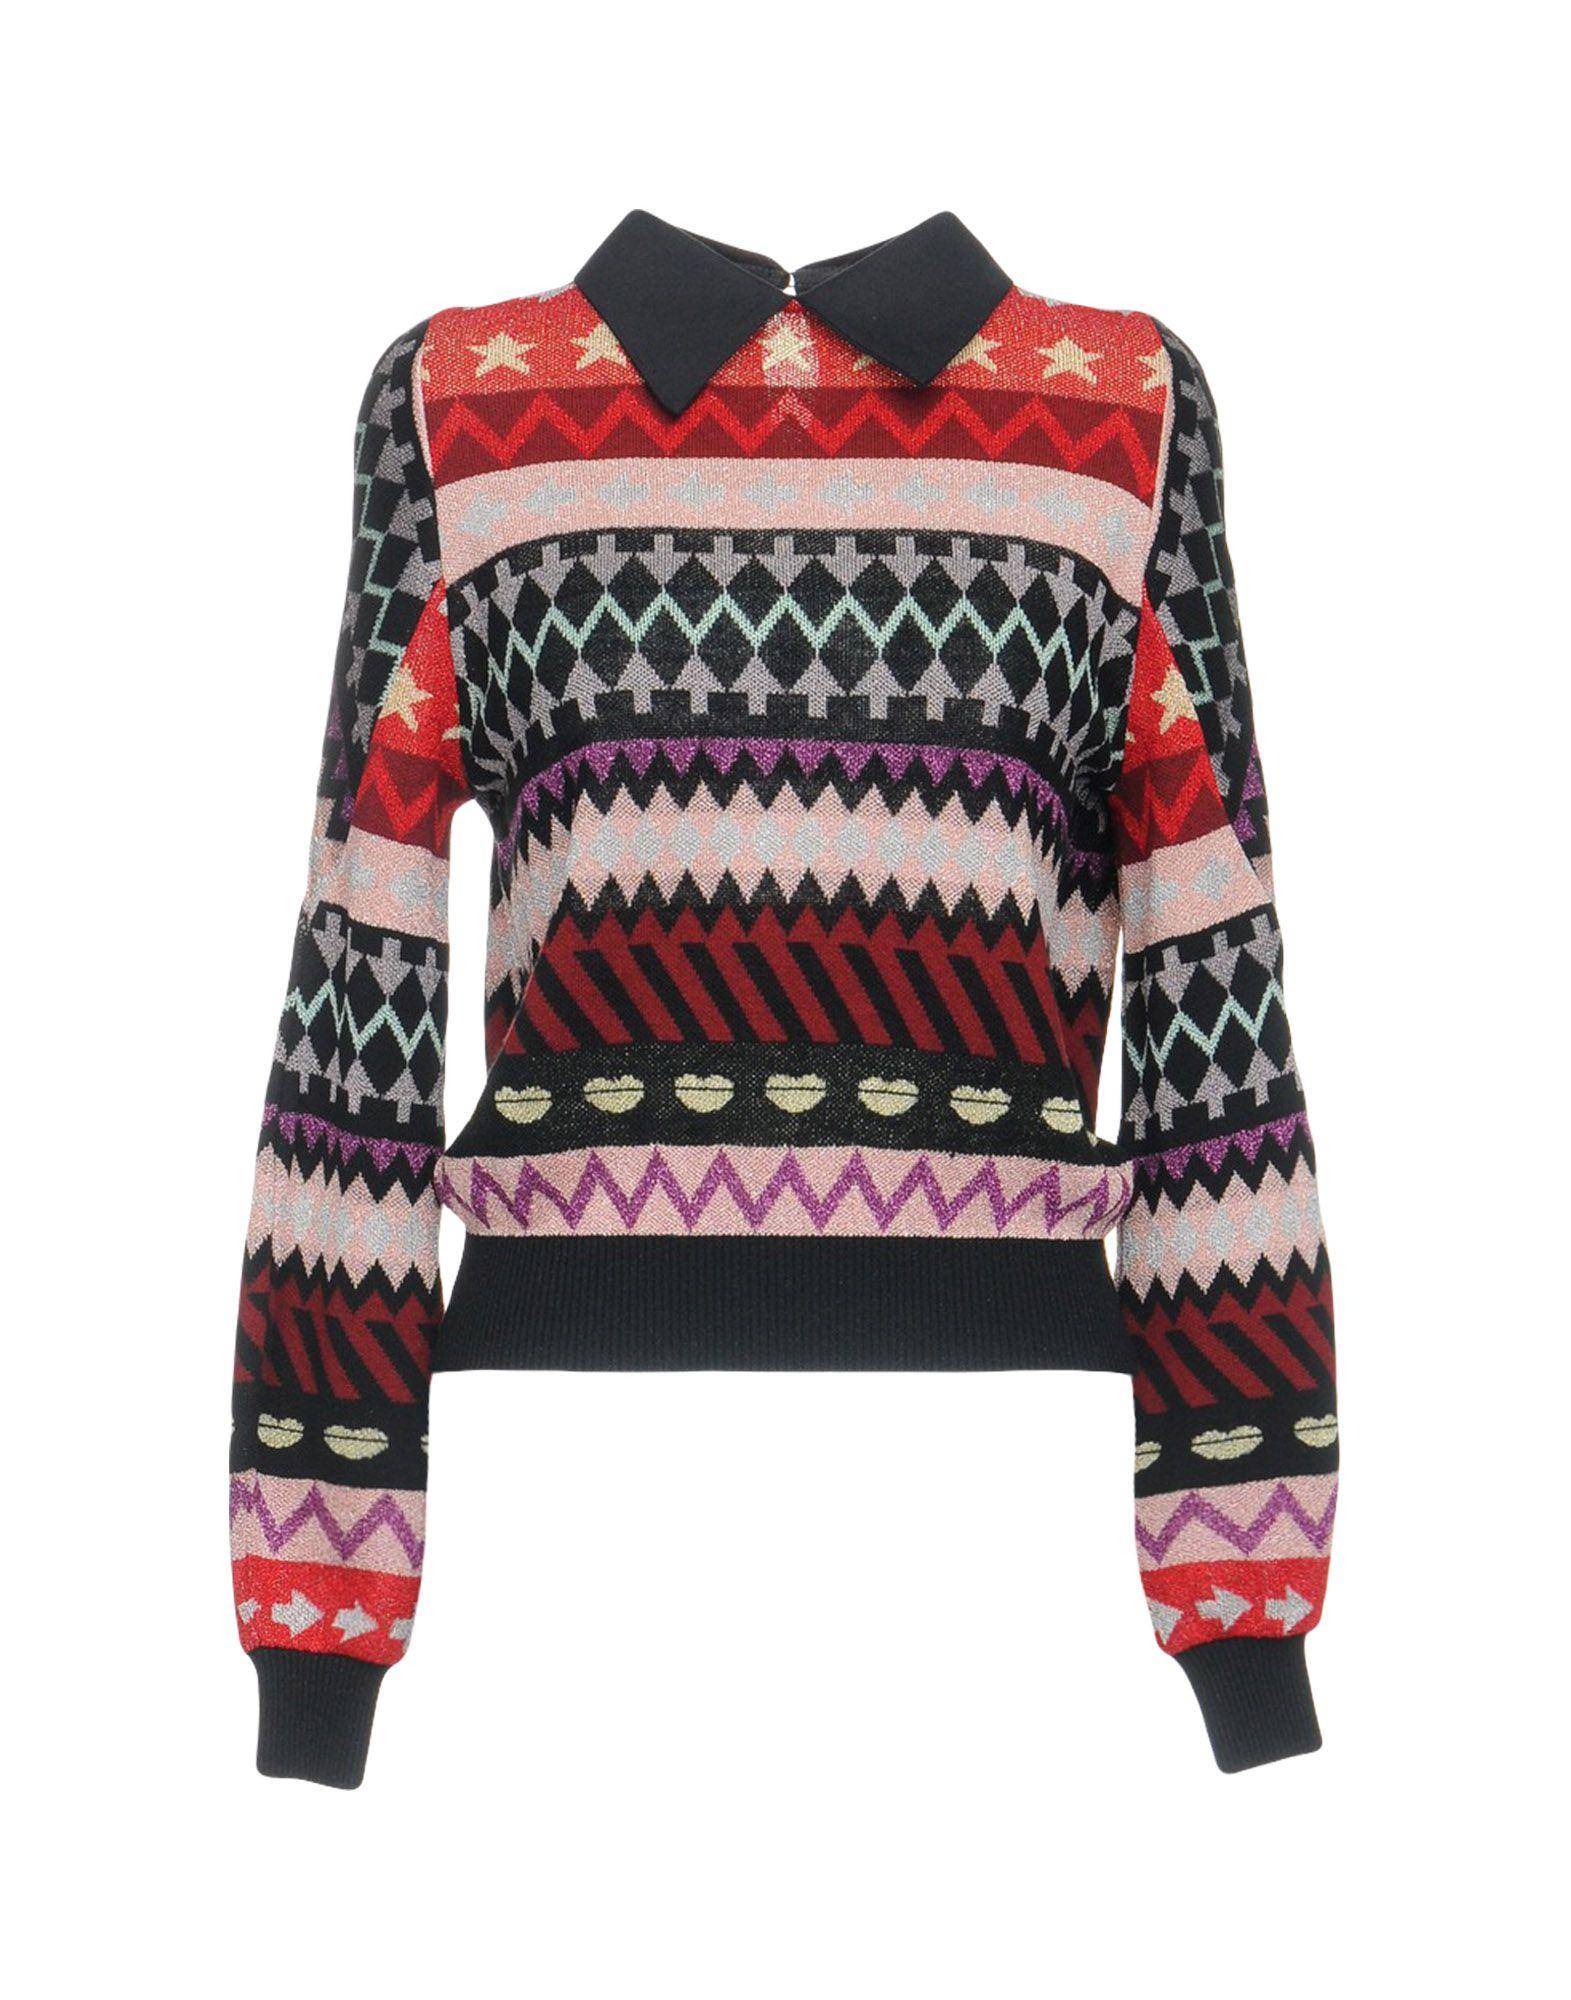 Pullover Annarita N Twenty 4H Donna - Acquista online su bbZtPXAJ